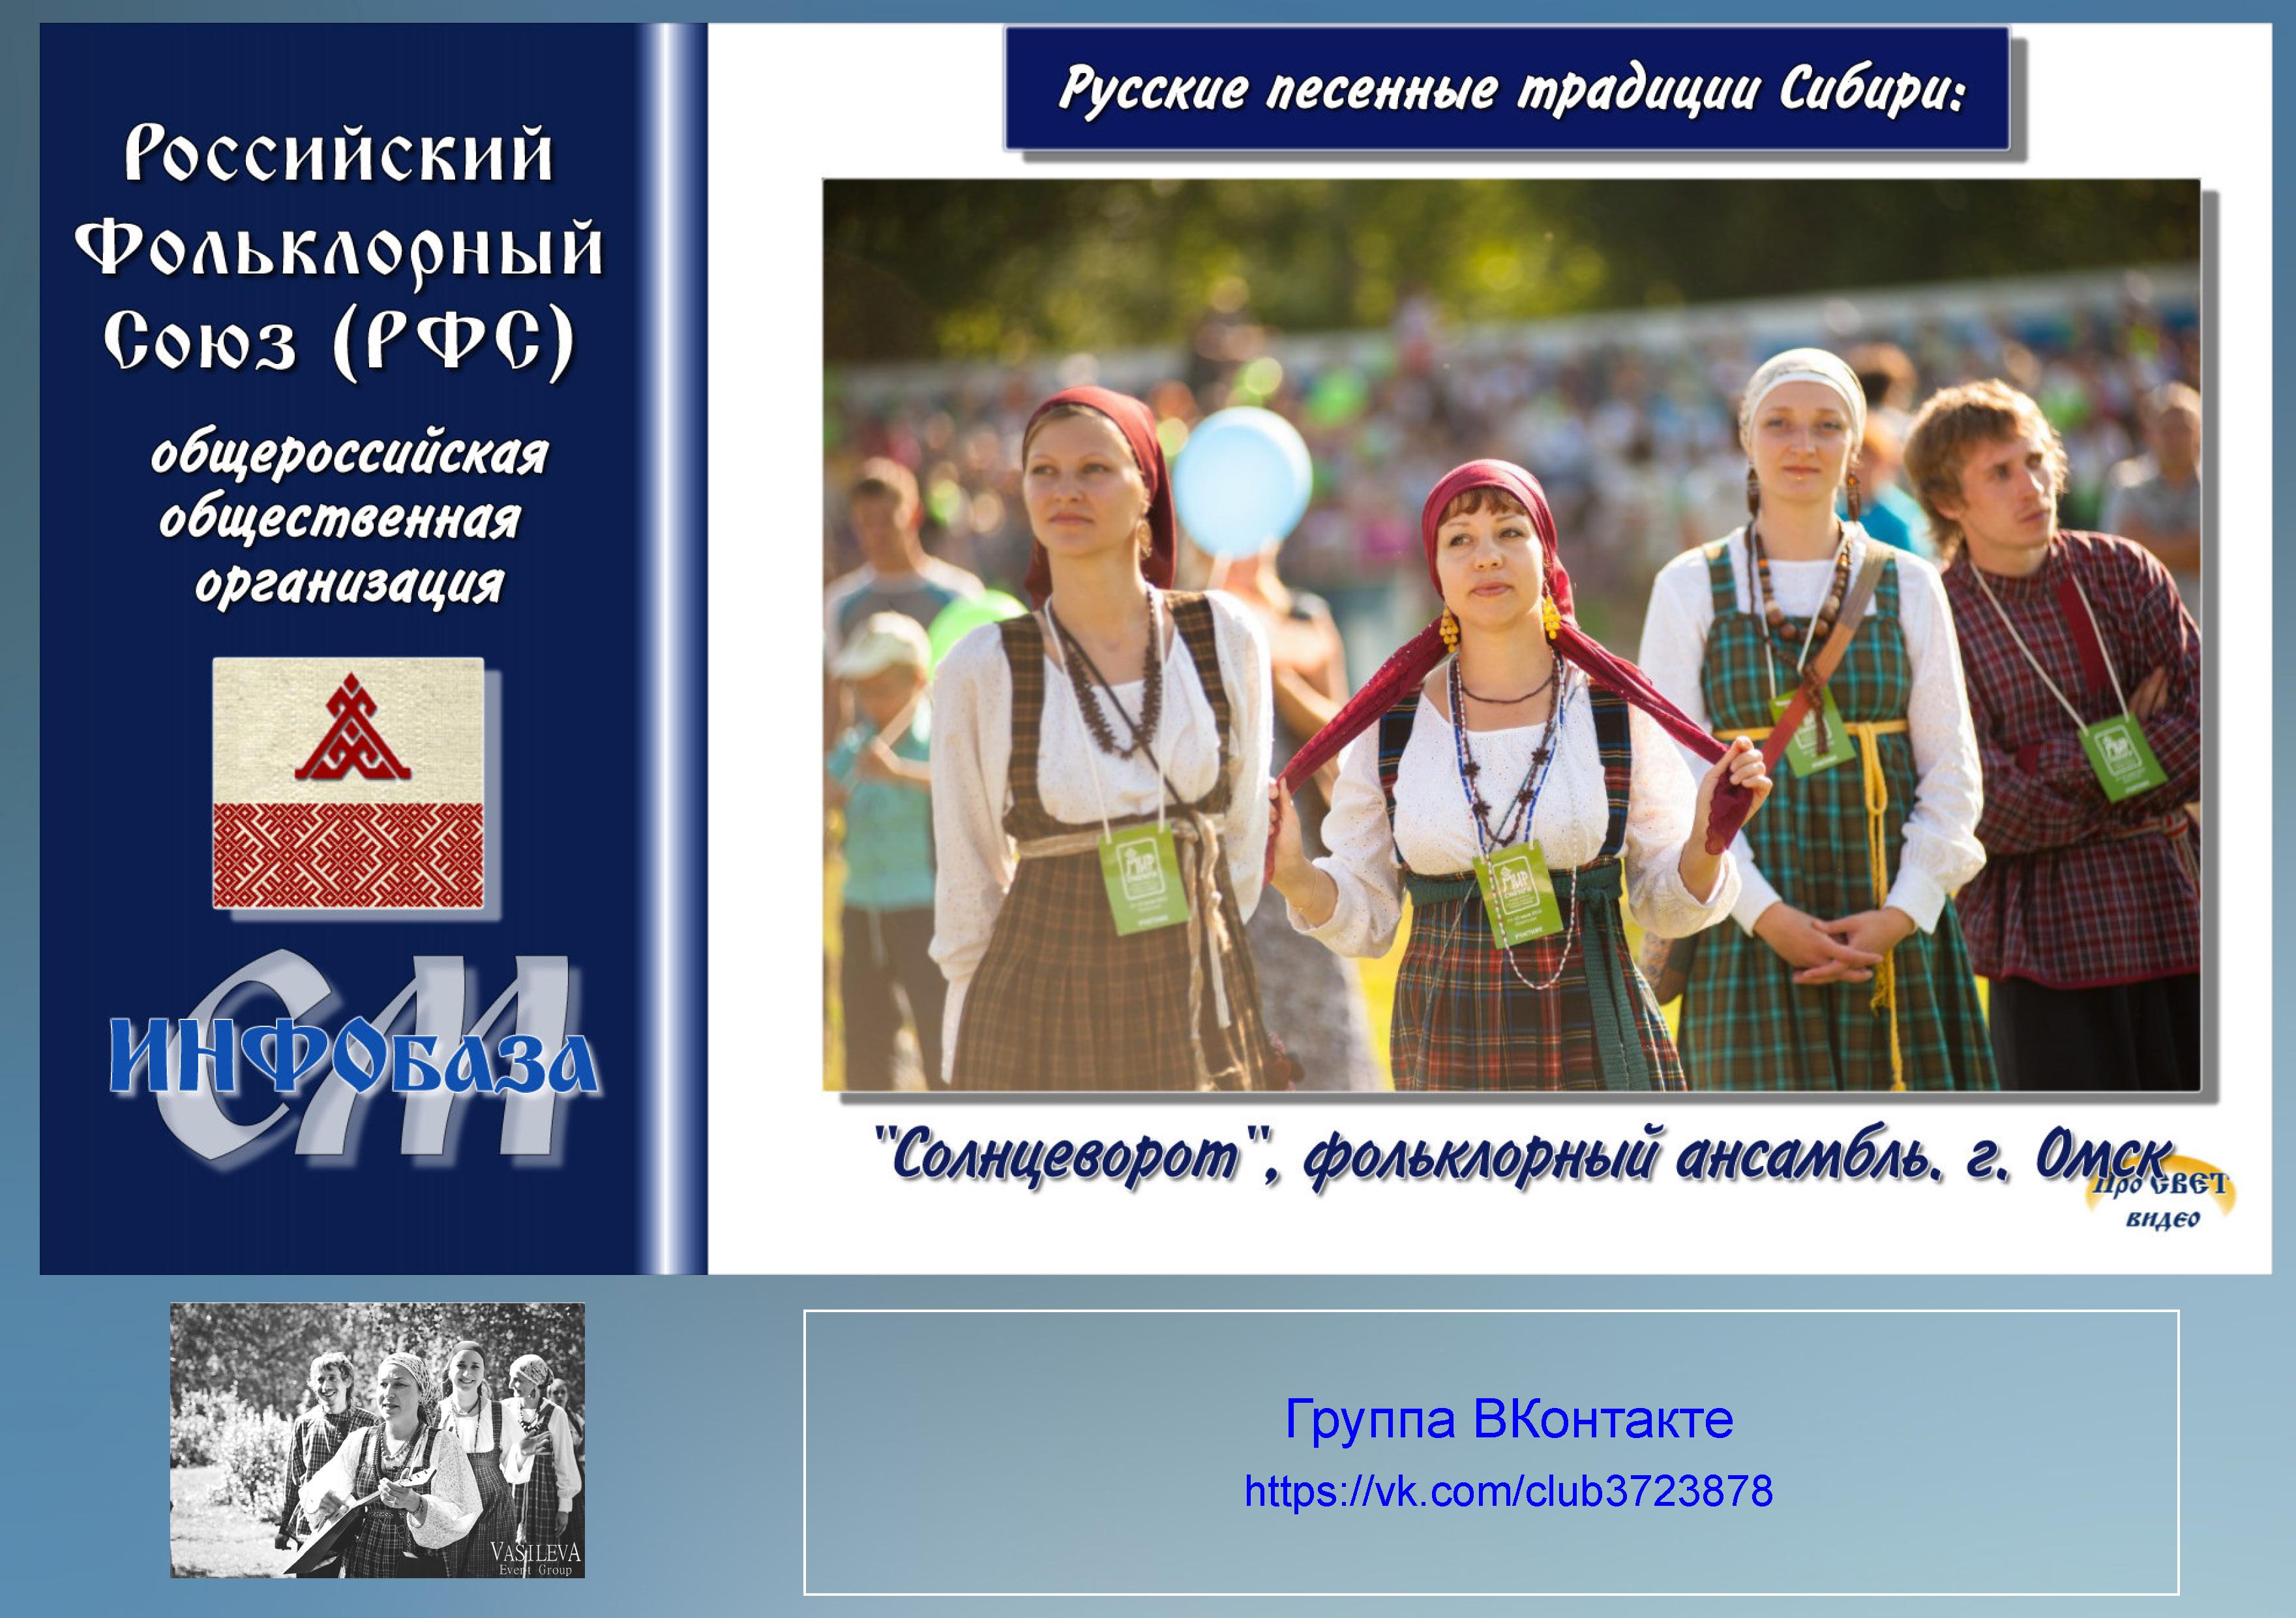 folklornaya-gruppa-volyushka-video